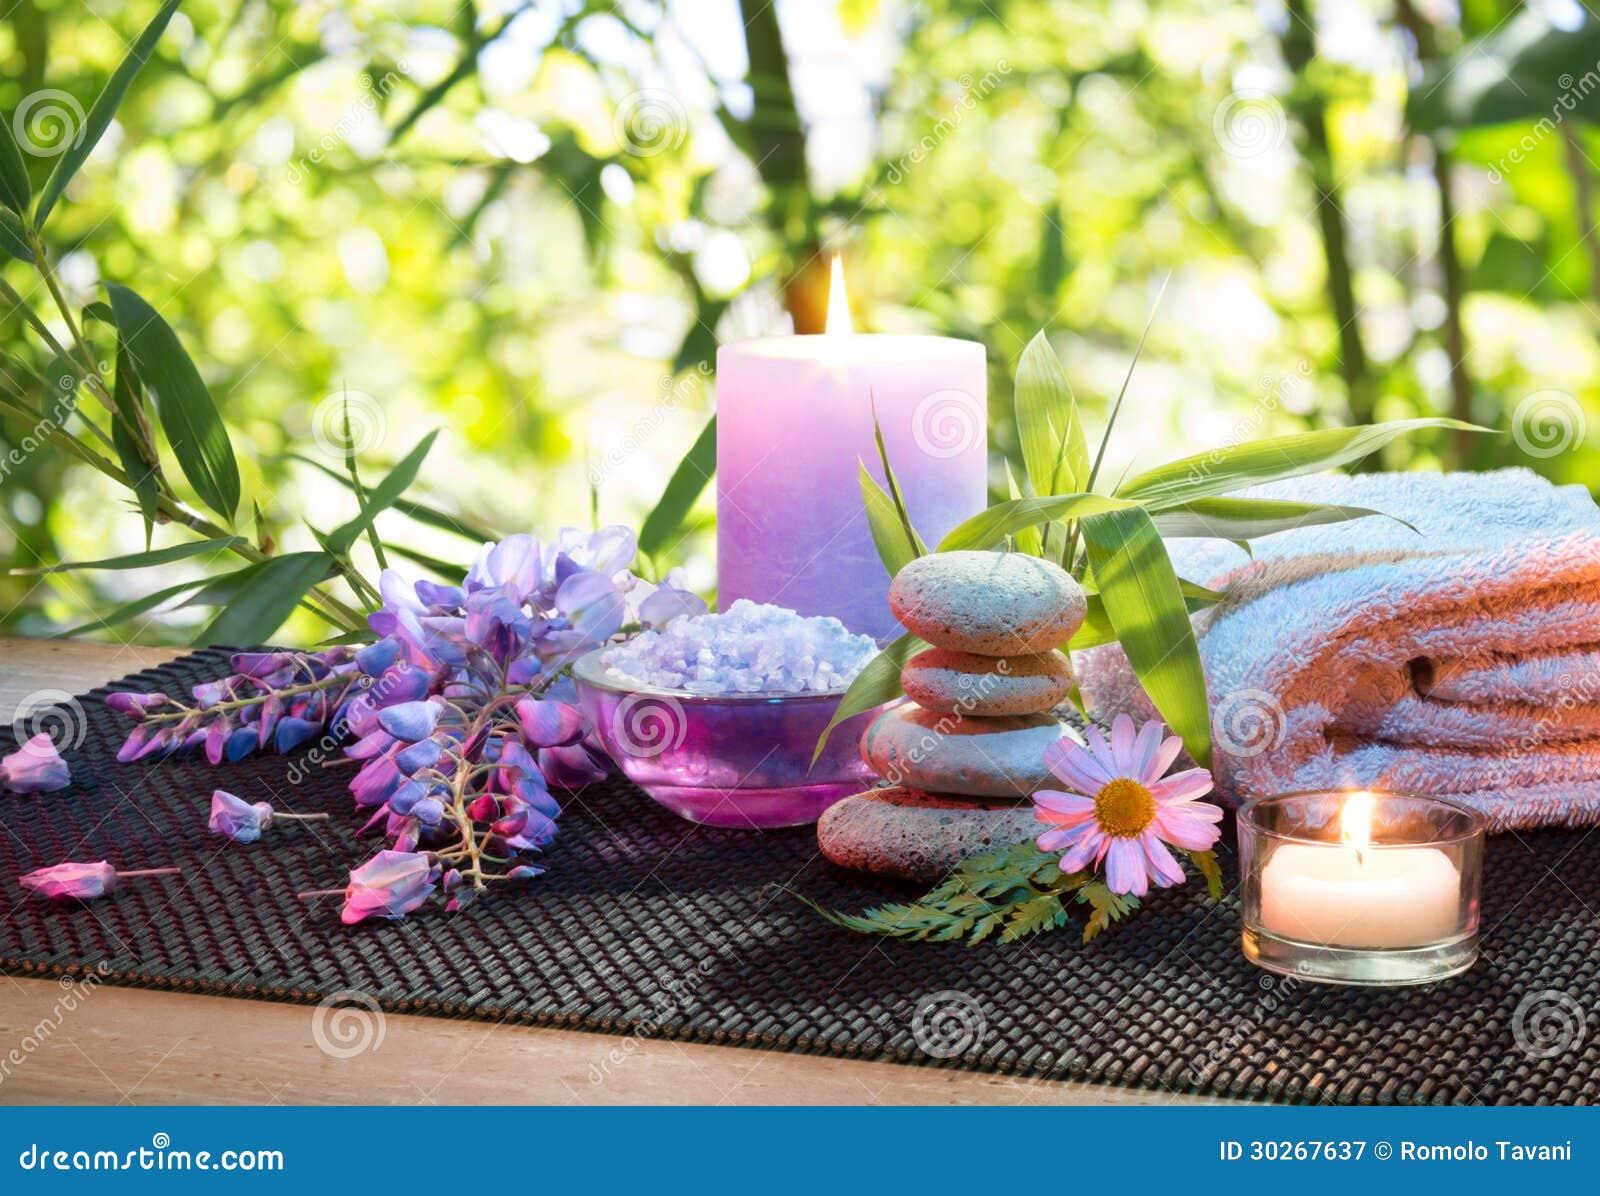 Massagem No Jardim De Bambu Com Flores Velas E A Toalha